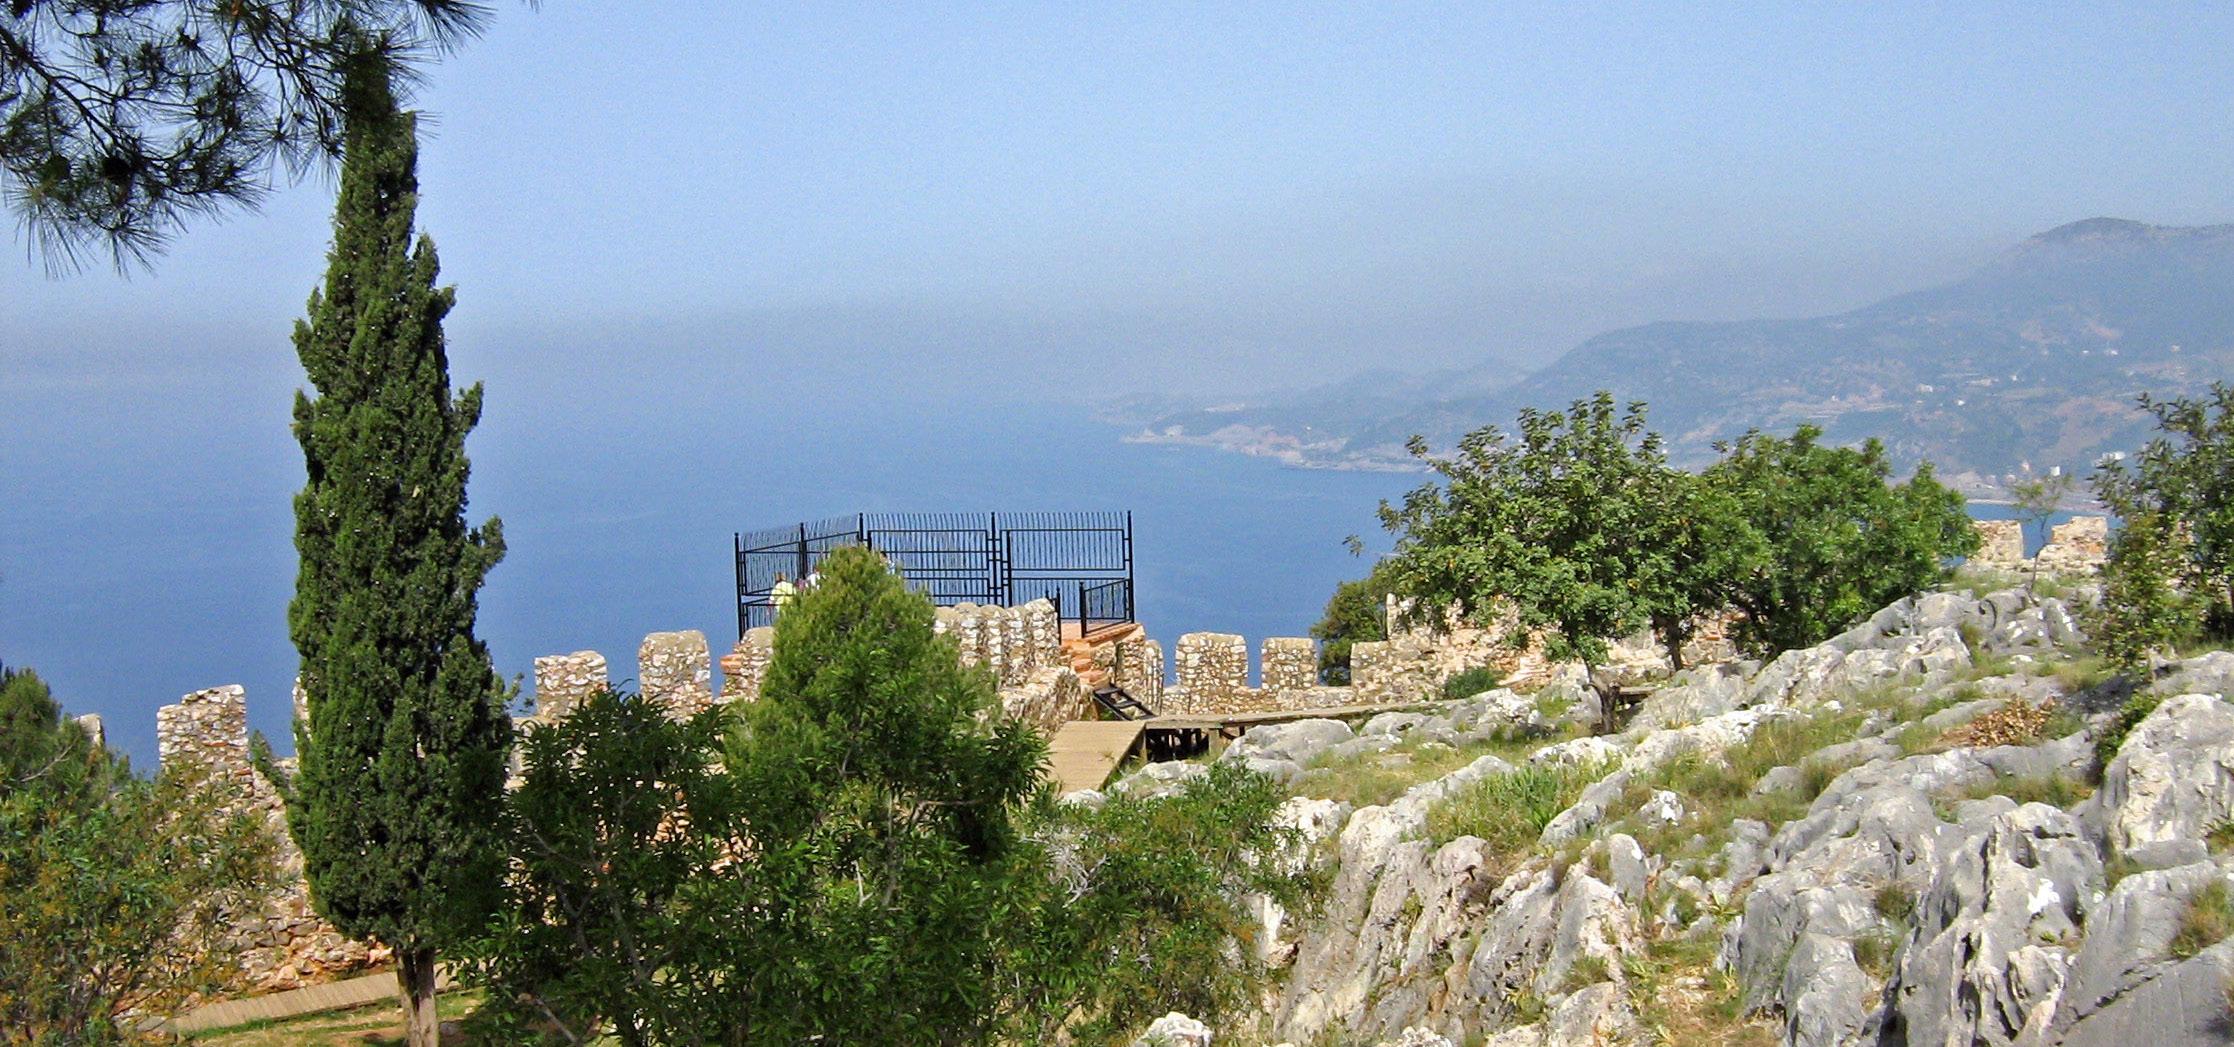 Auf dem Gelände der Festung über Alanya